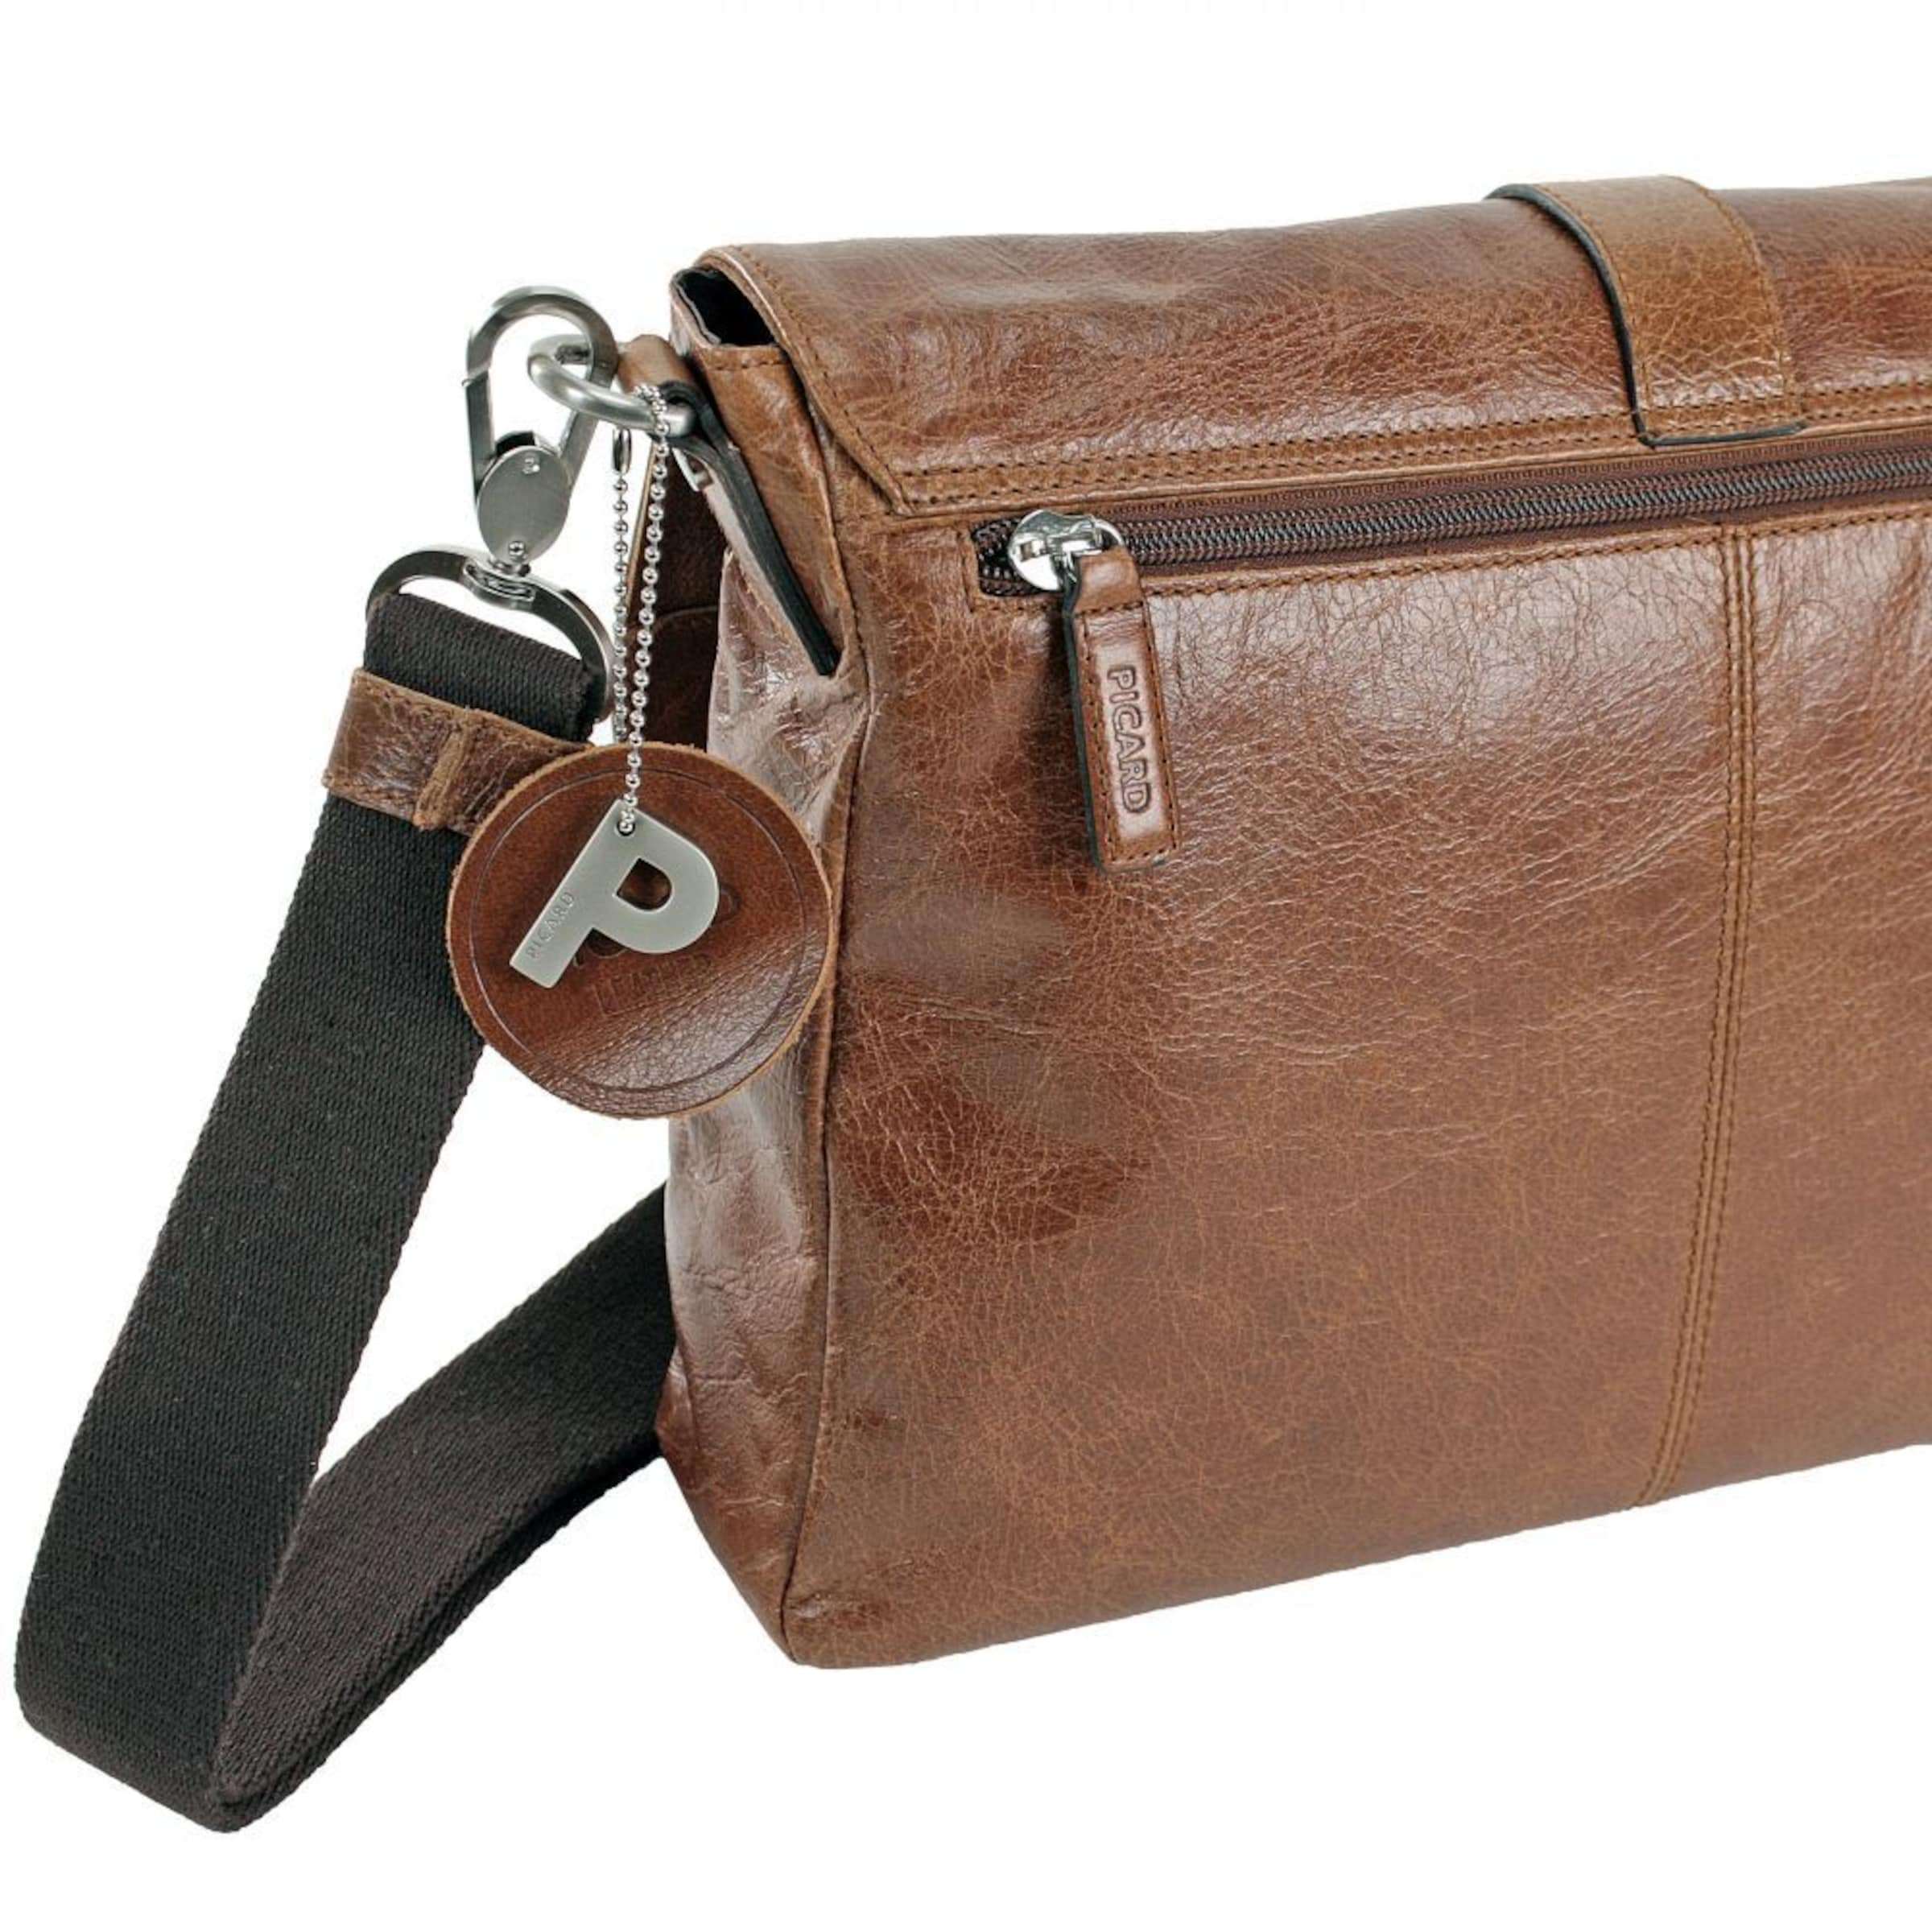 Spielraum Offizielle Seite Günstig Kaufen Die Besten Preise Picard Buddy Umhängetasche Leder 32 cm 9CqXCSeu6